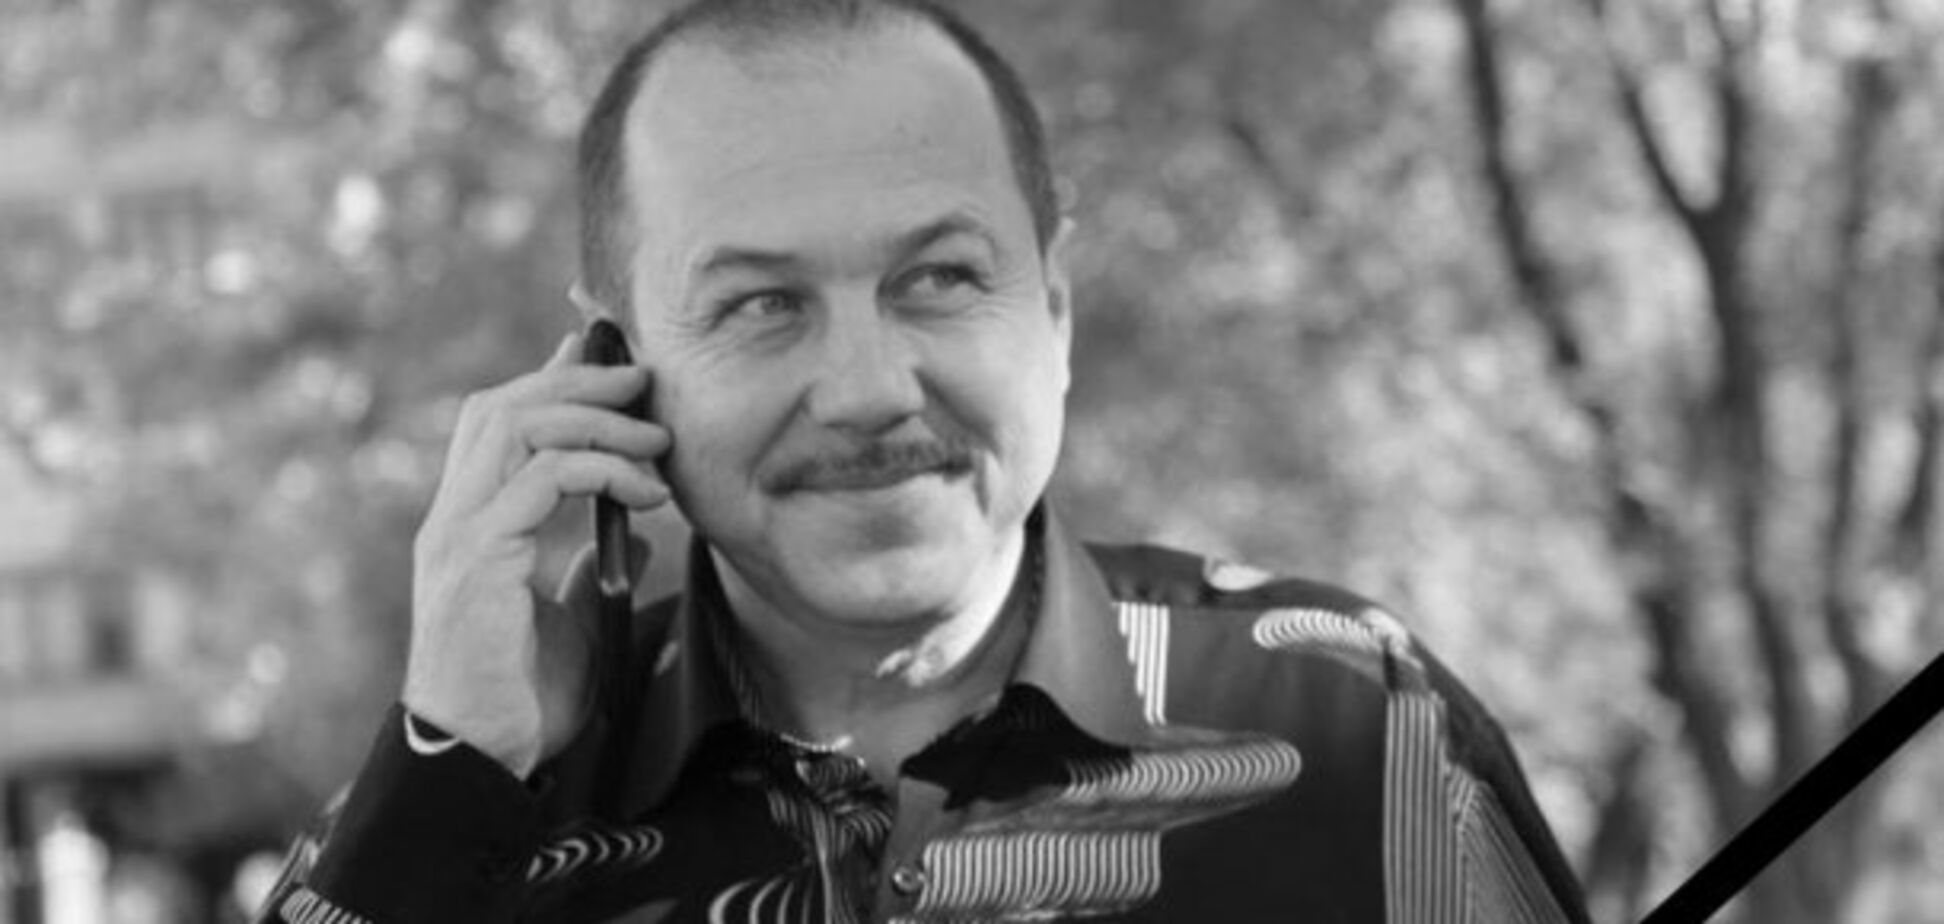 Похищение, плен и политические войны: что известно об убитом депутате Самарском